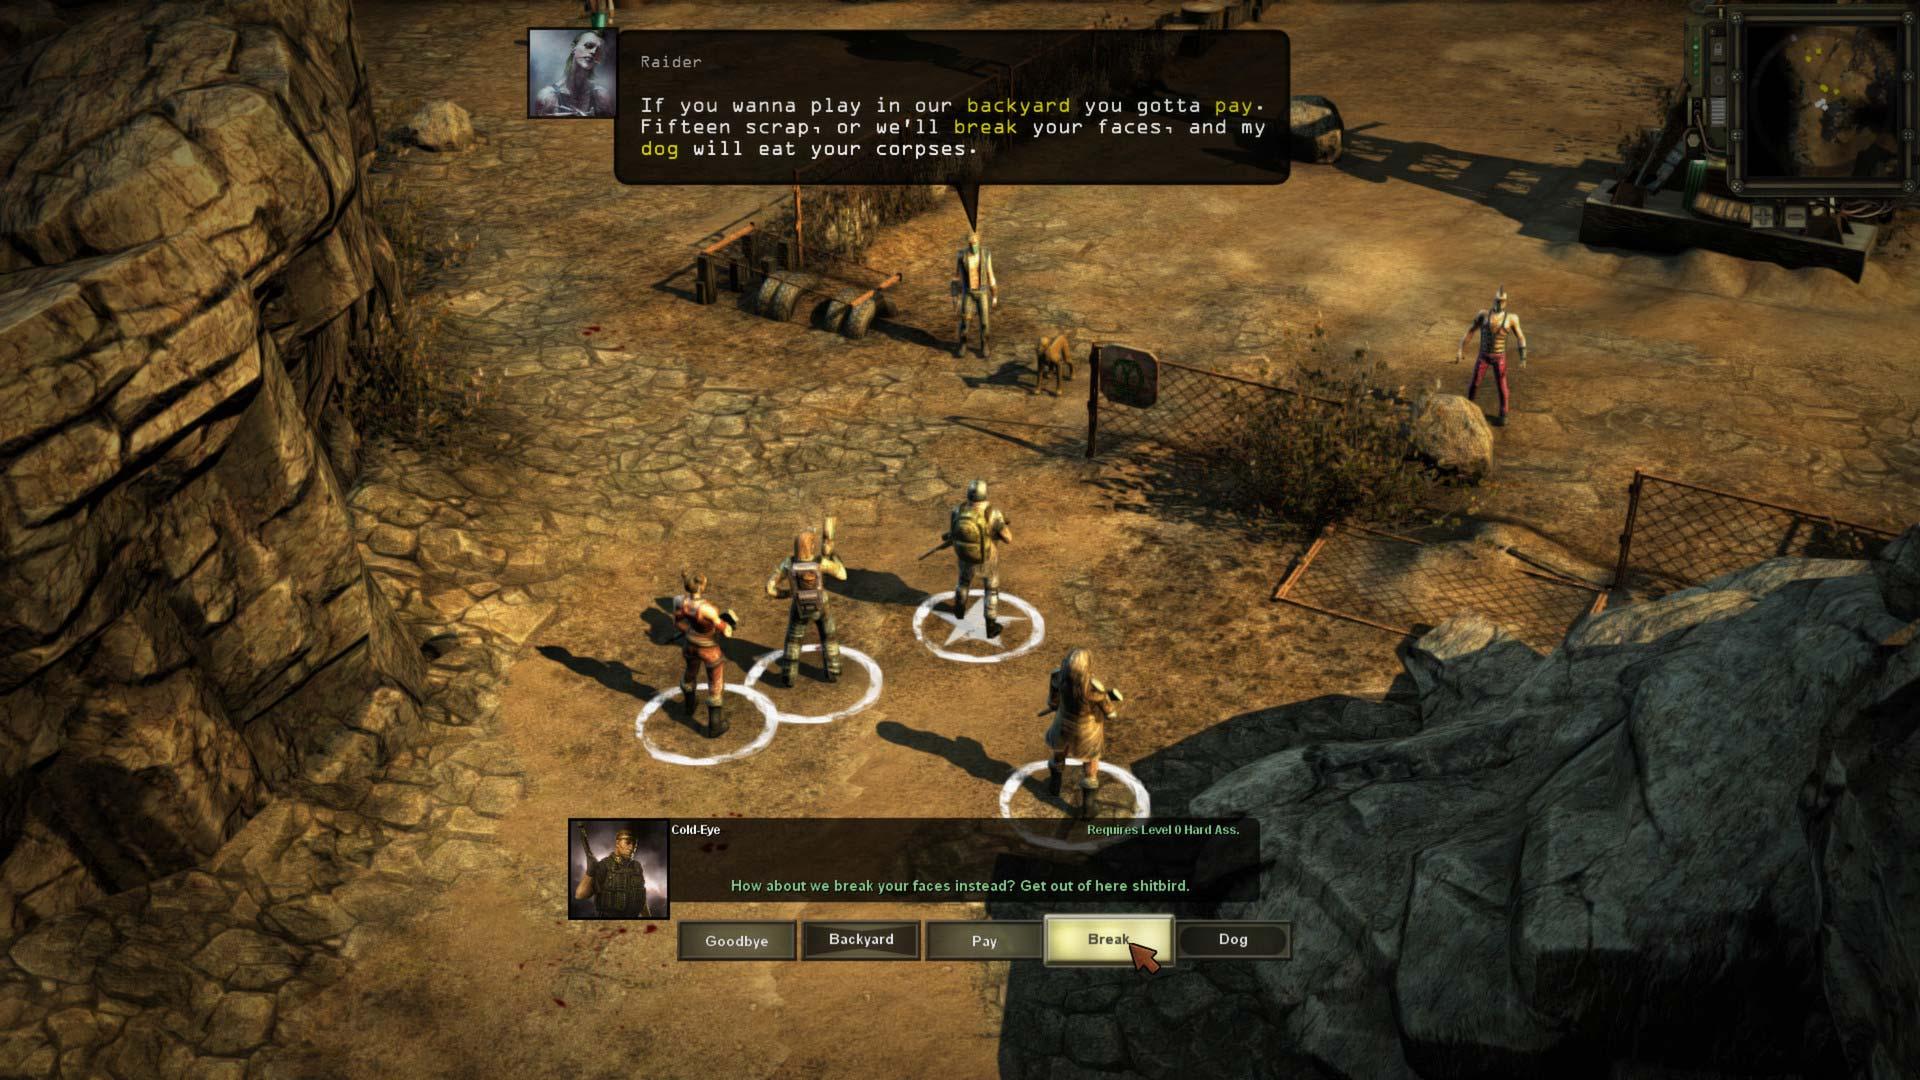 Представляем вашему вниманию игровой редактор для fallout (официальная версия от разработчиков)